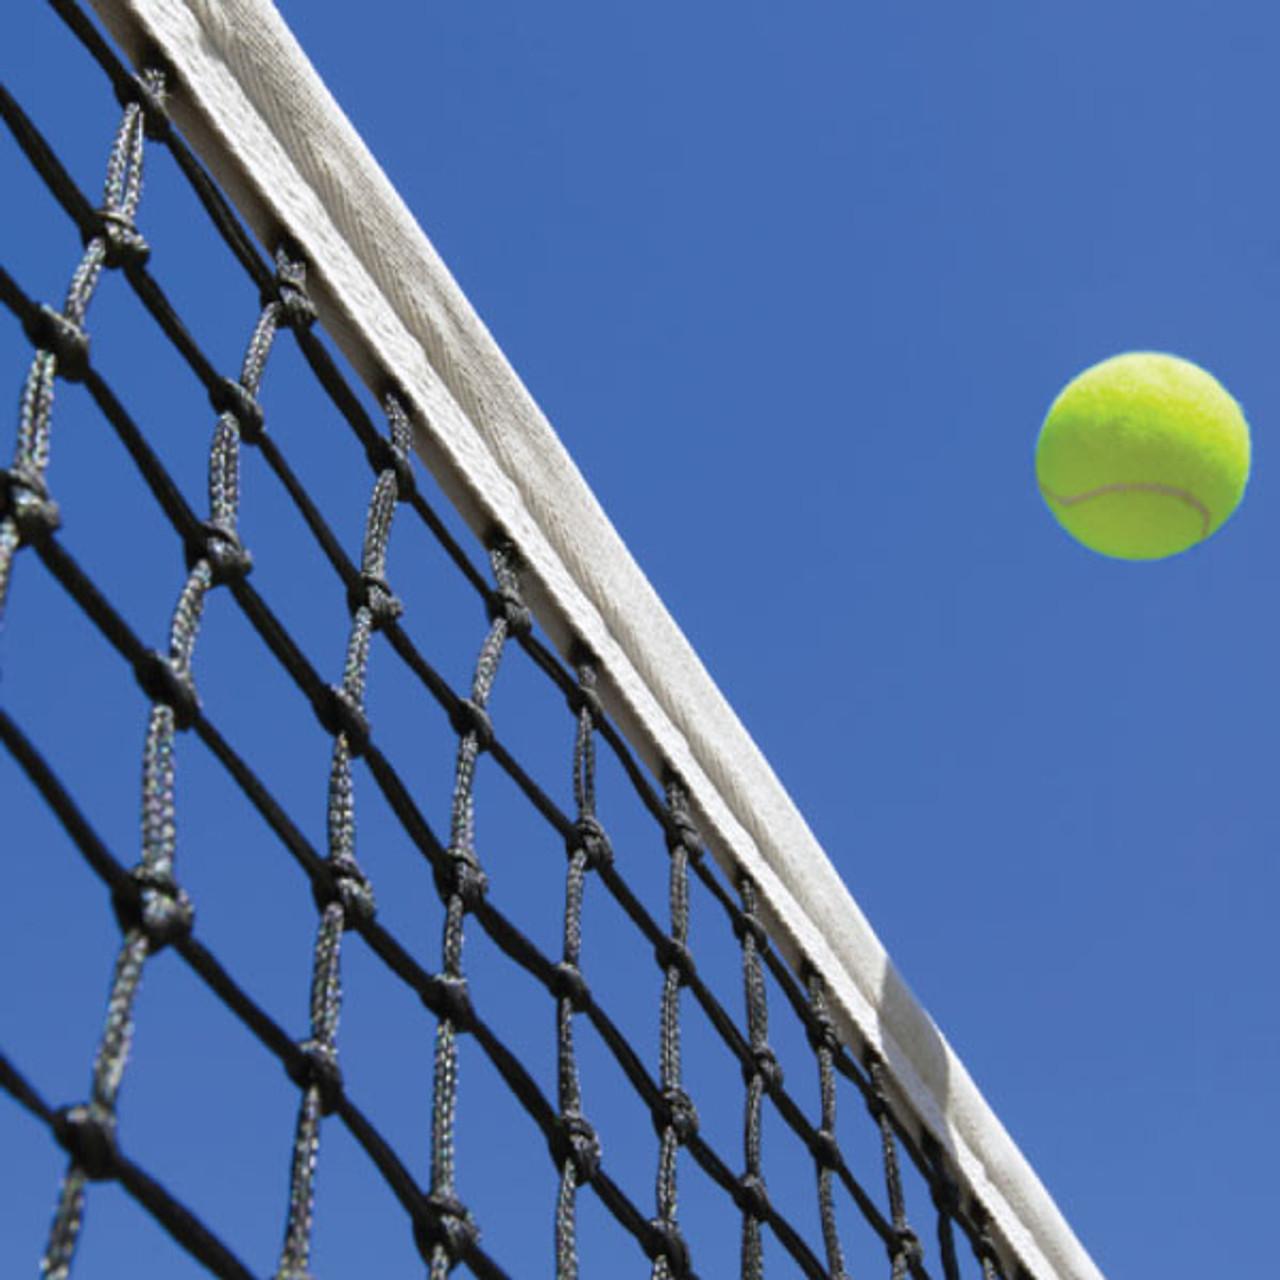 Community Deluxe Tennis Net